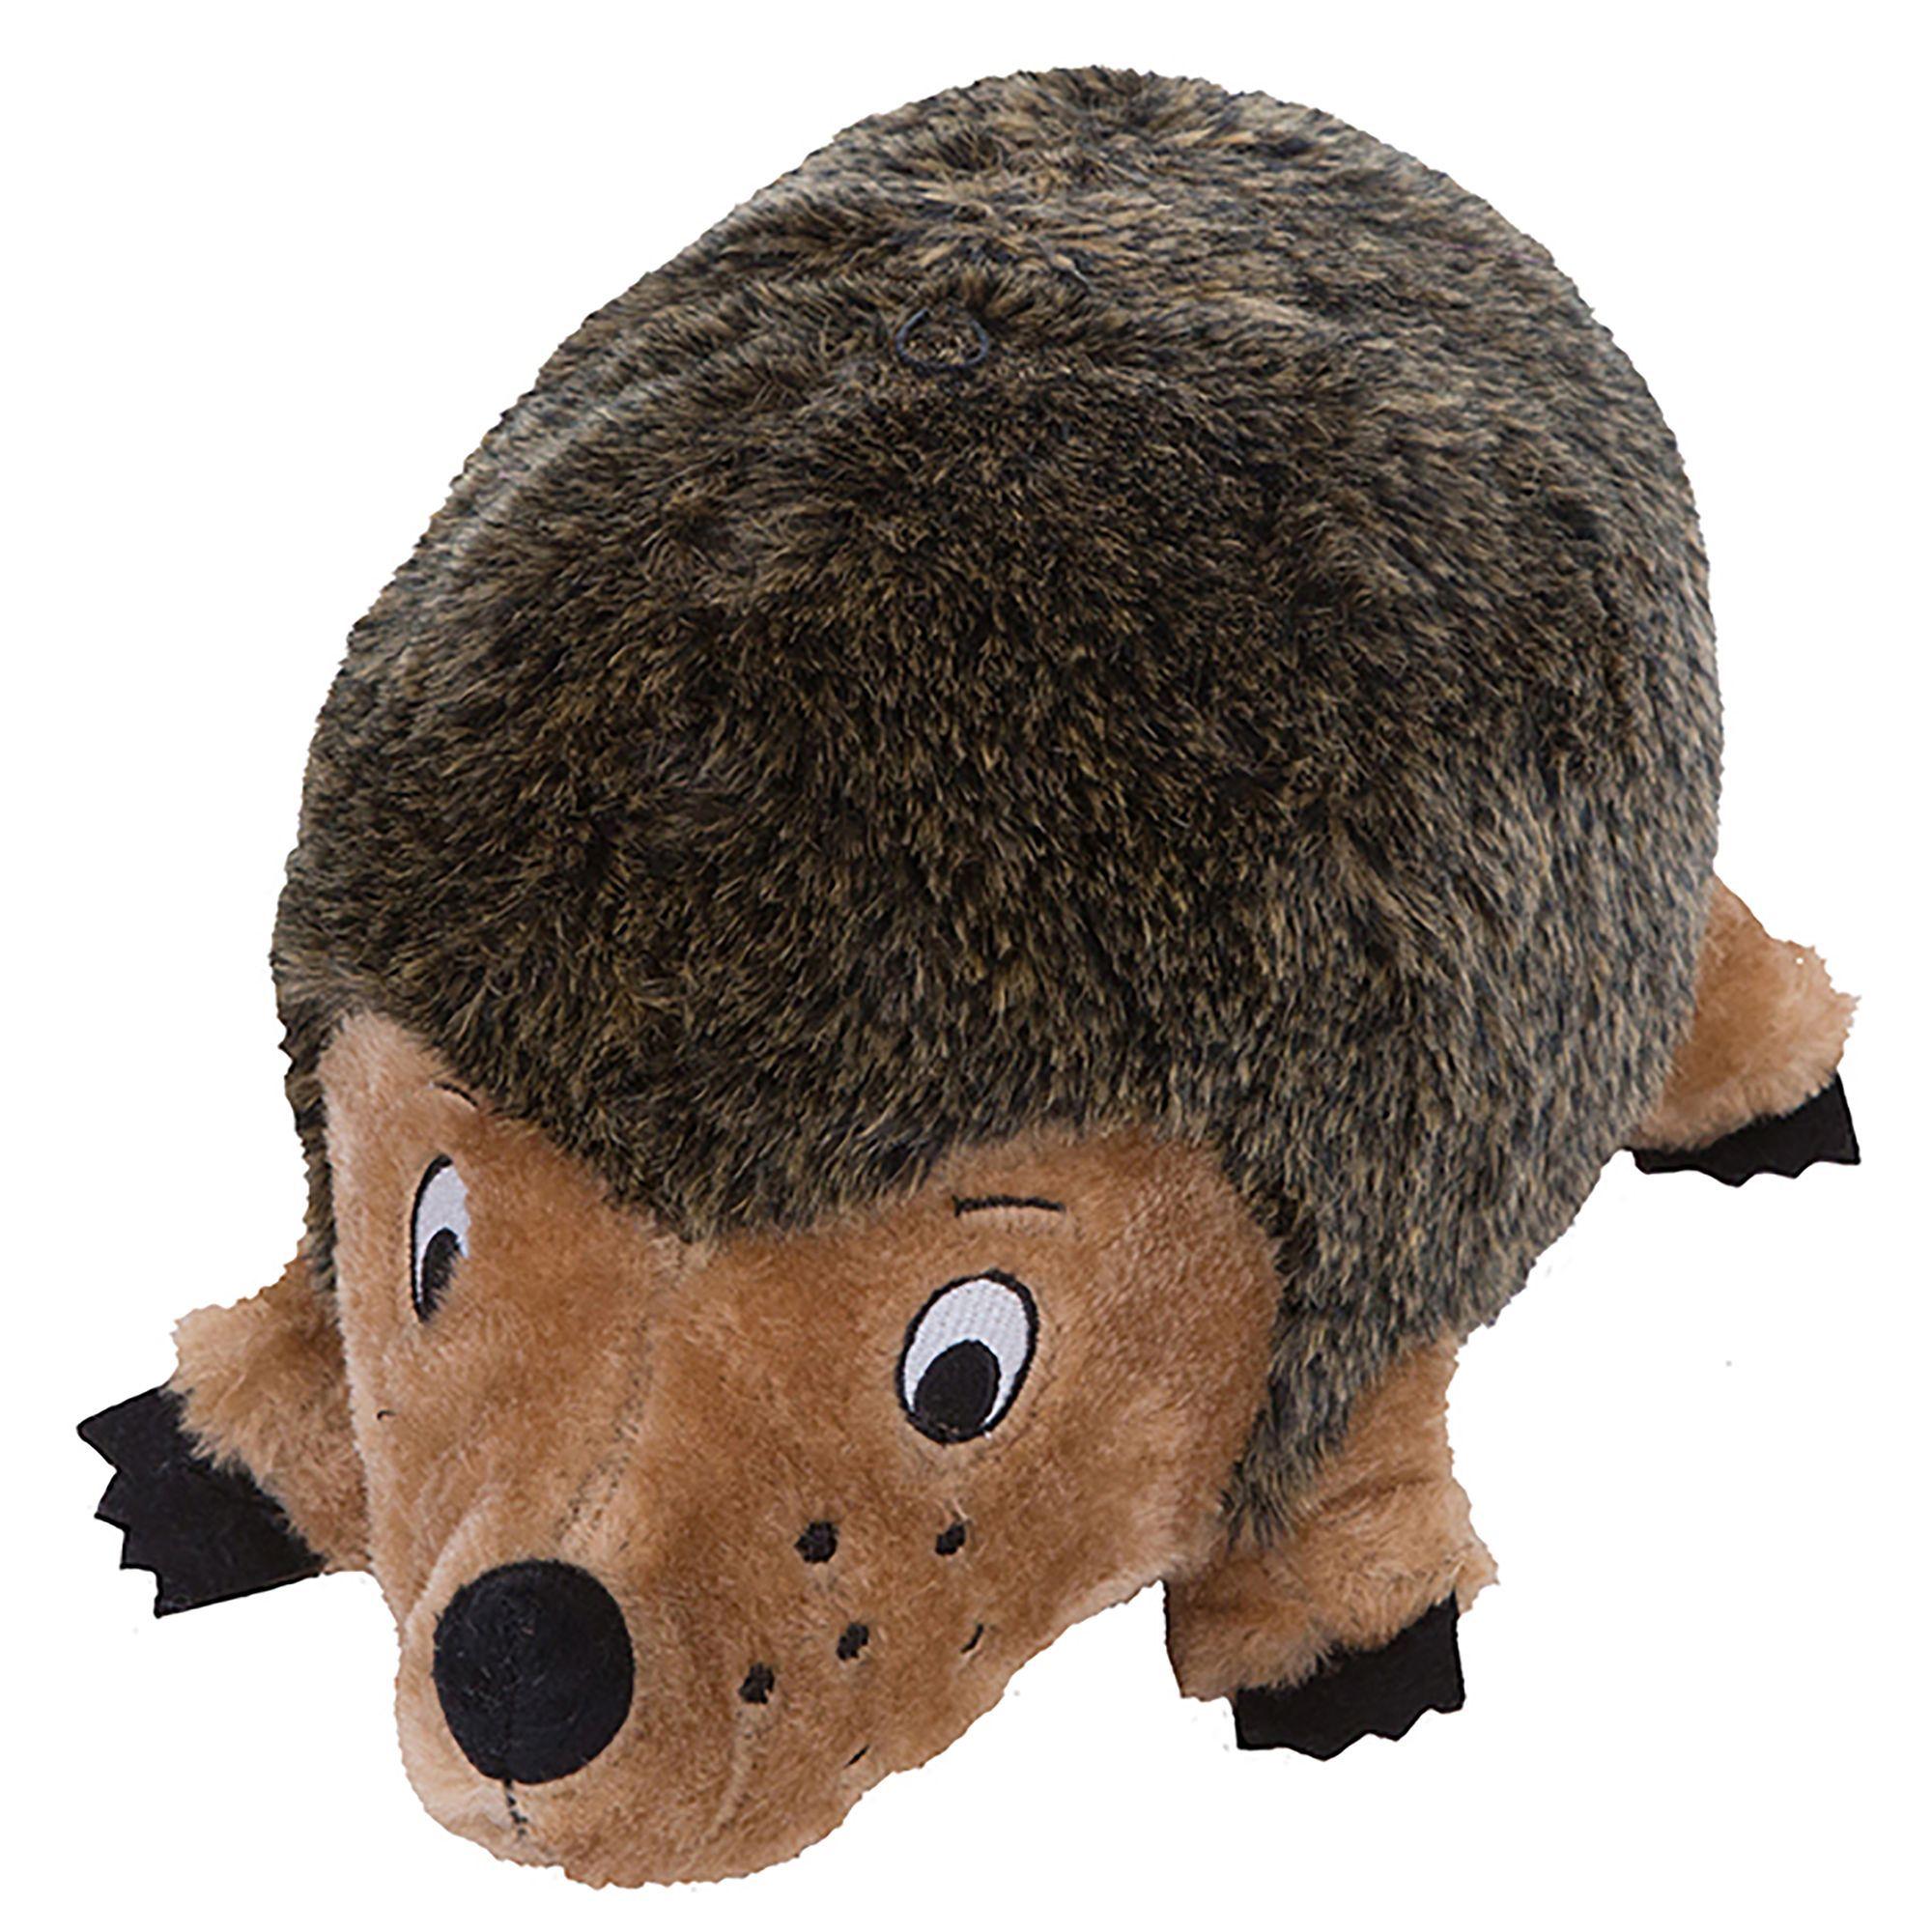 Outward Hound Hedgehogz Dog Toy Squeaker size Jumbo